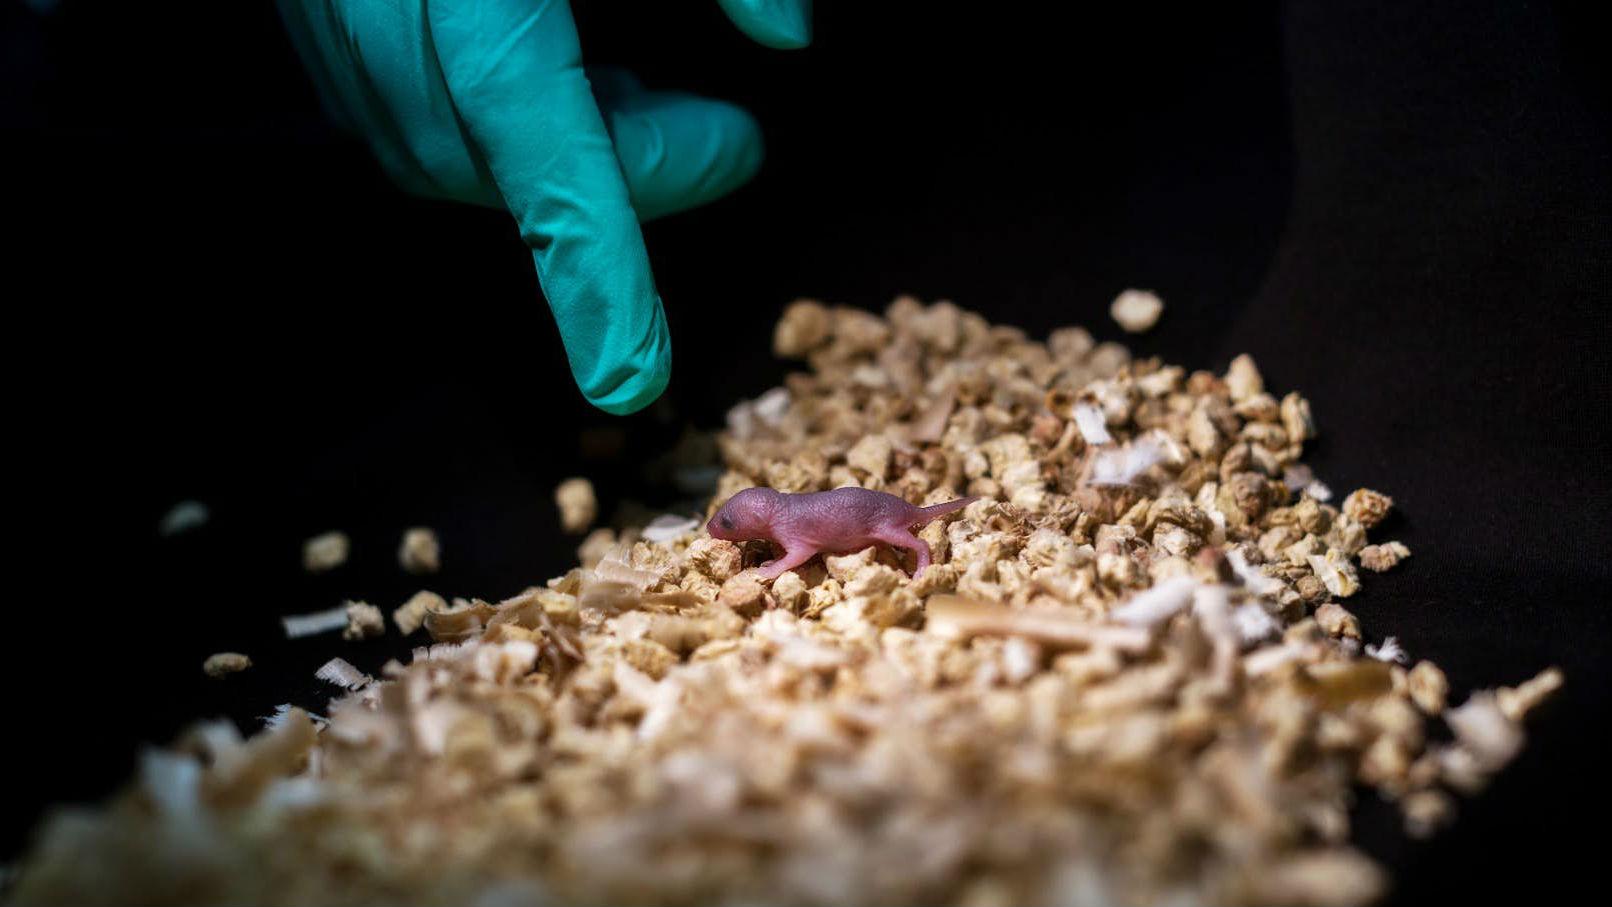 Мышонок, носящий в себе генетическую информацию от двух генетических отцов.